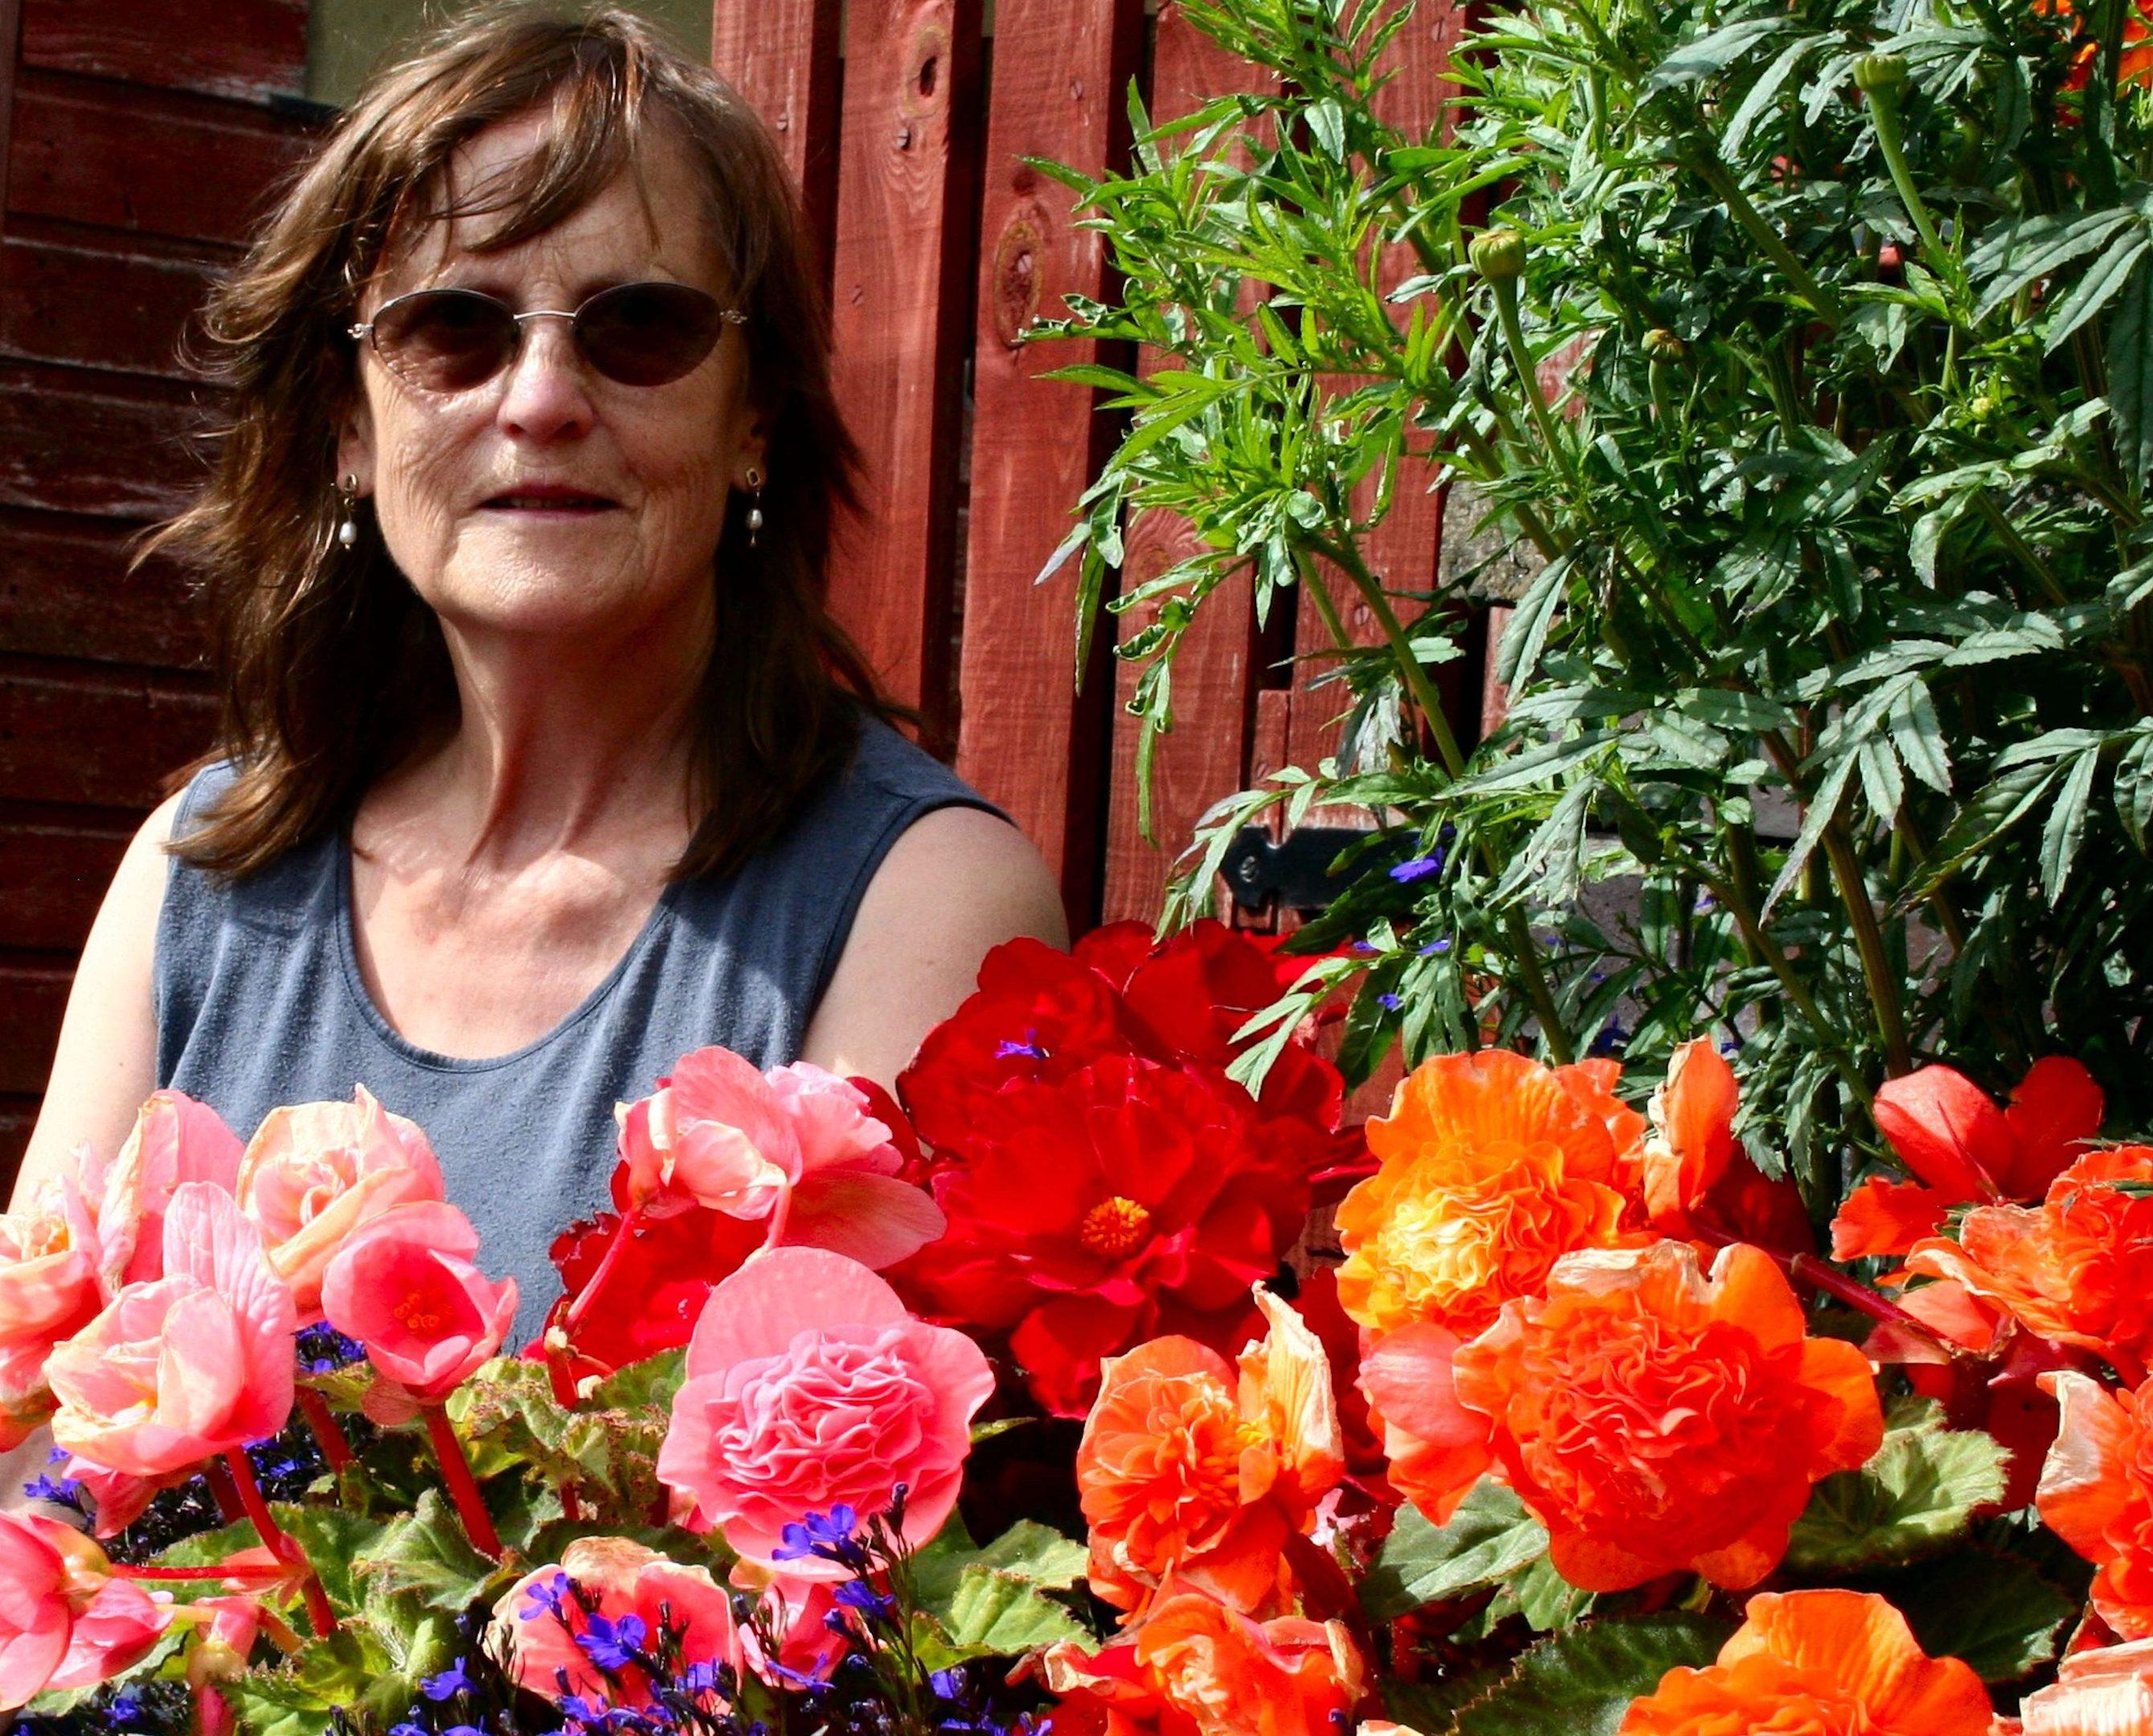 Anna in the summer garden